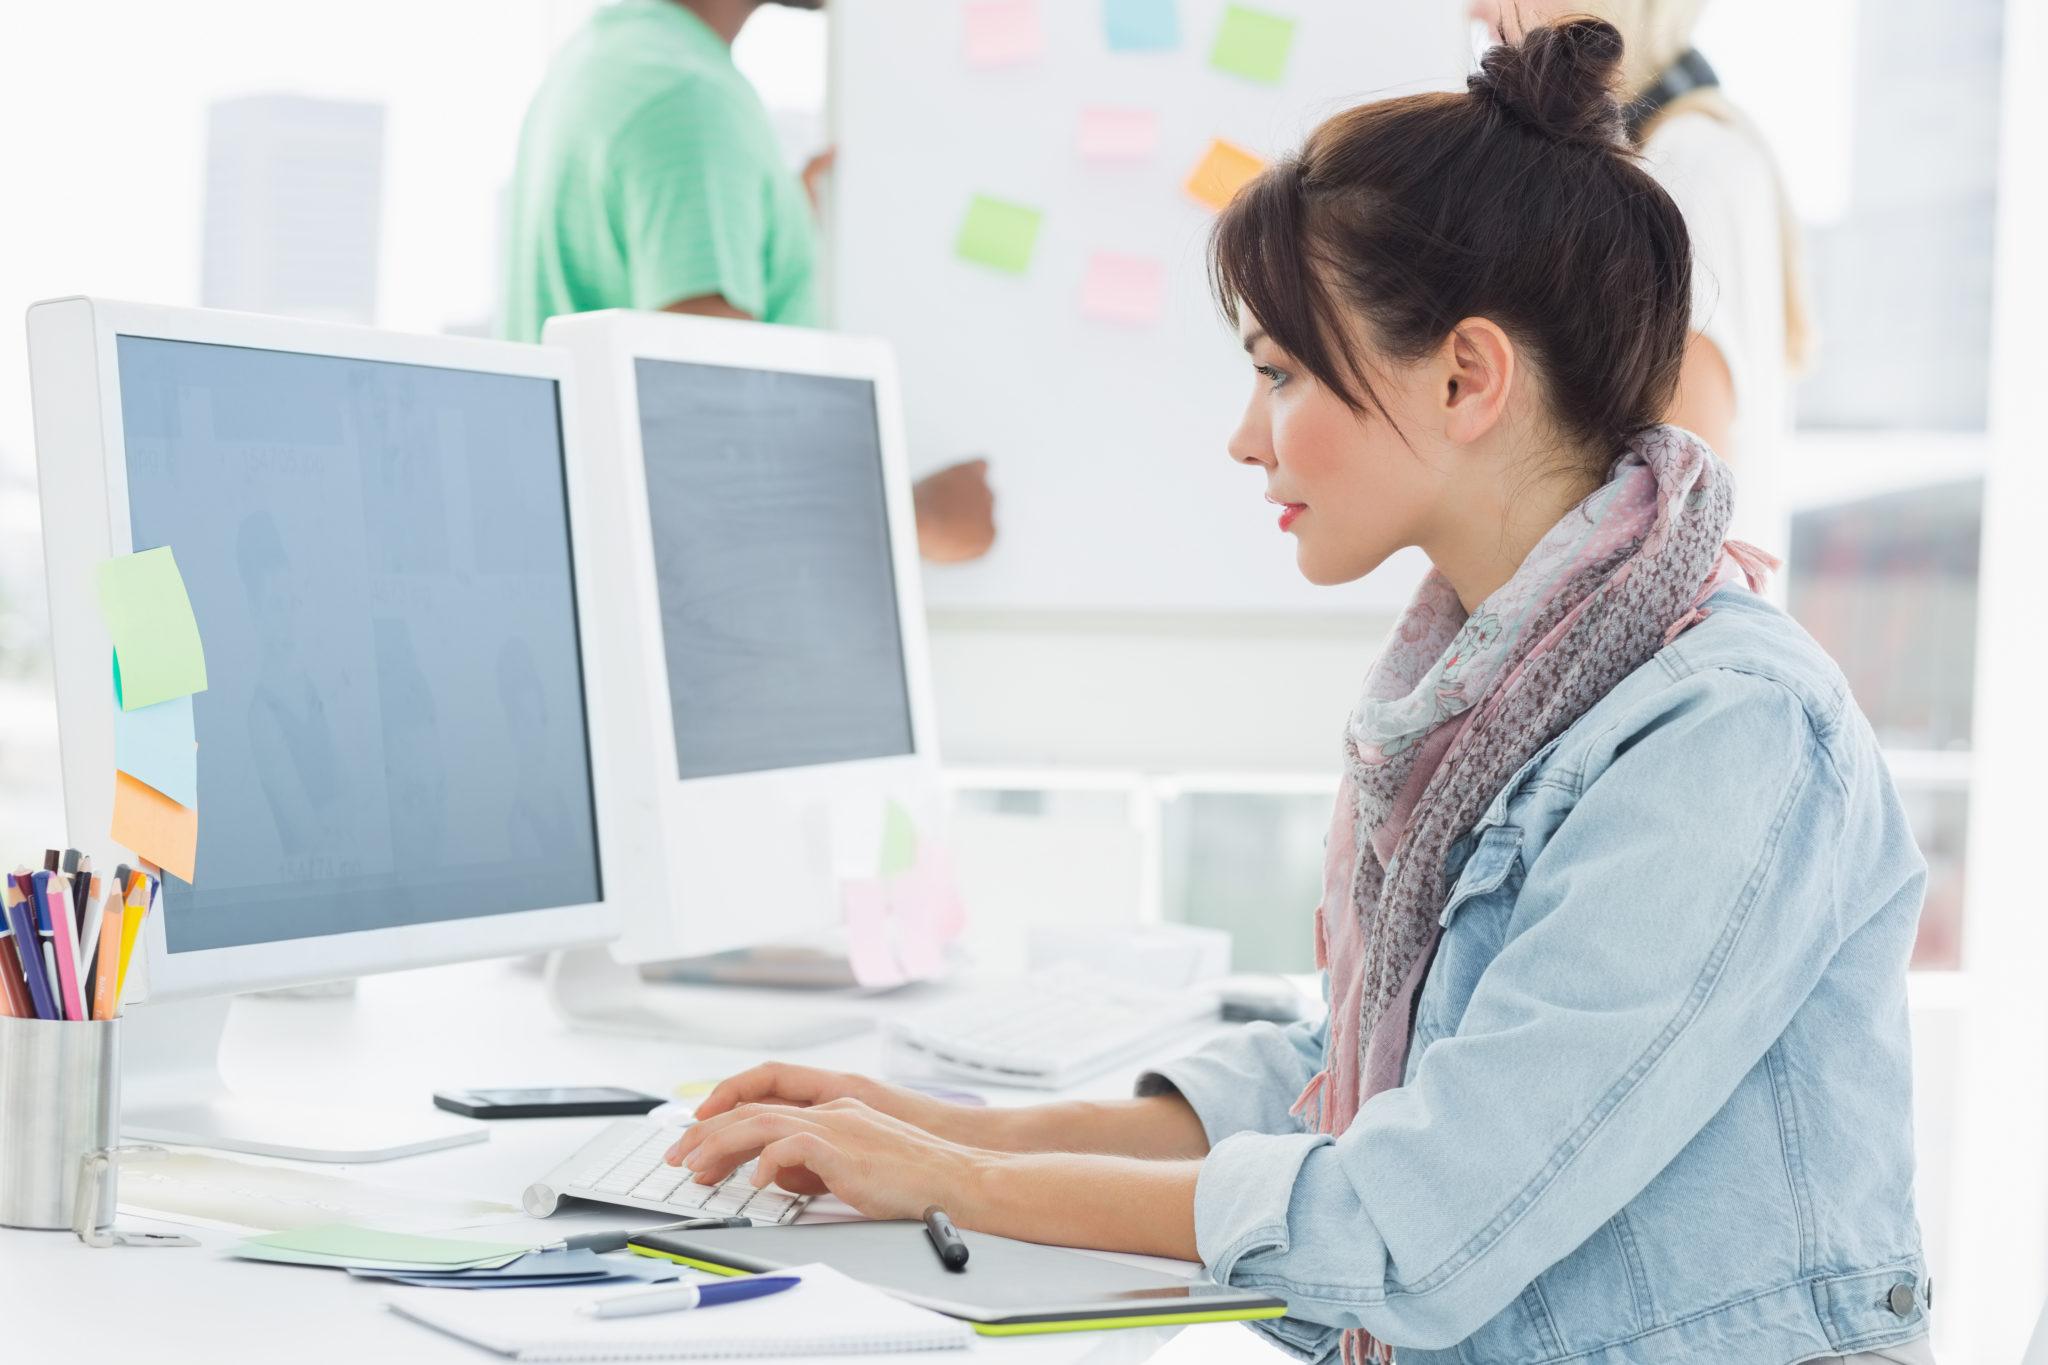 Cómo Escribir tu Carta de Presentación de Profesor, aprende a redactar una Carta de Presentación de Profesor SIN Experiencia ¡Te contamos cómo! CVExpres